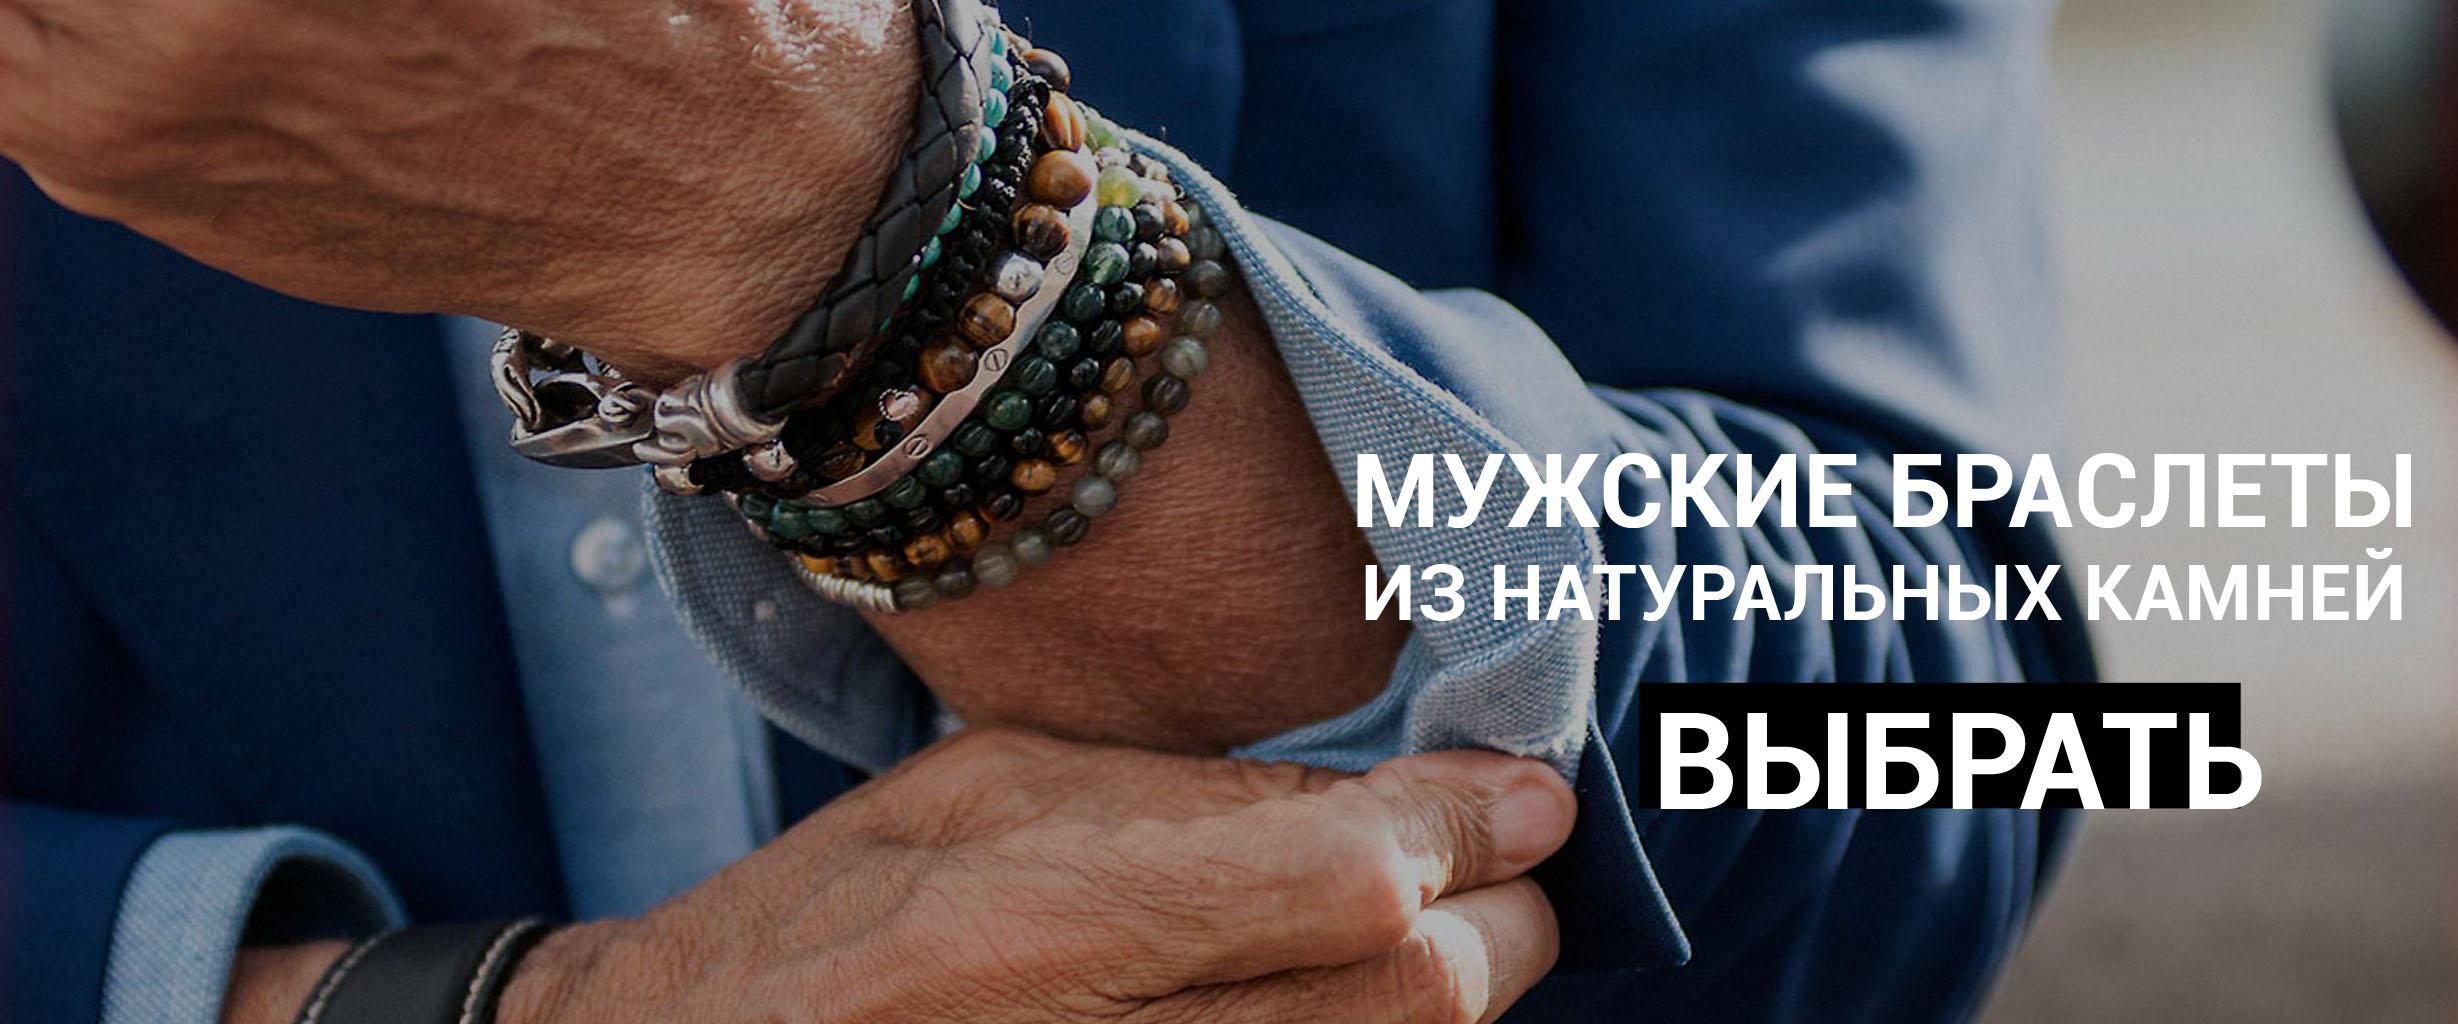 15f67fe993f Интернет-магазин мужских украшений и аксессуаров MOJO. Купить ...